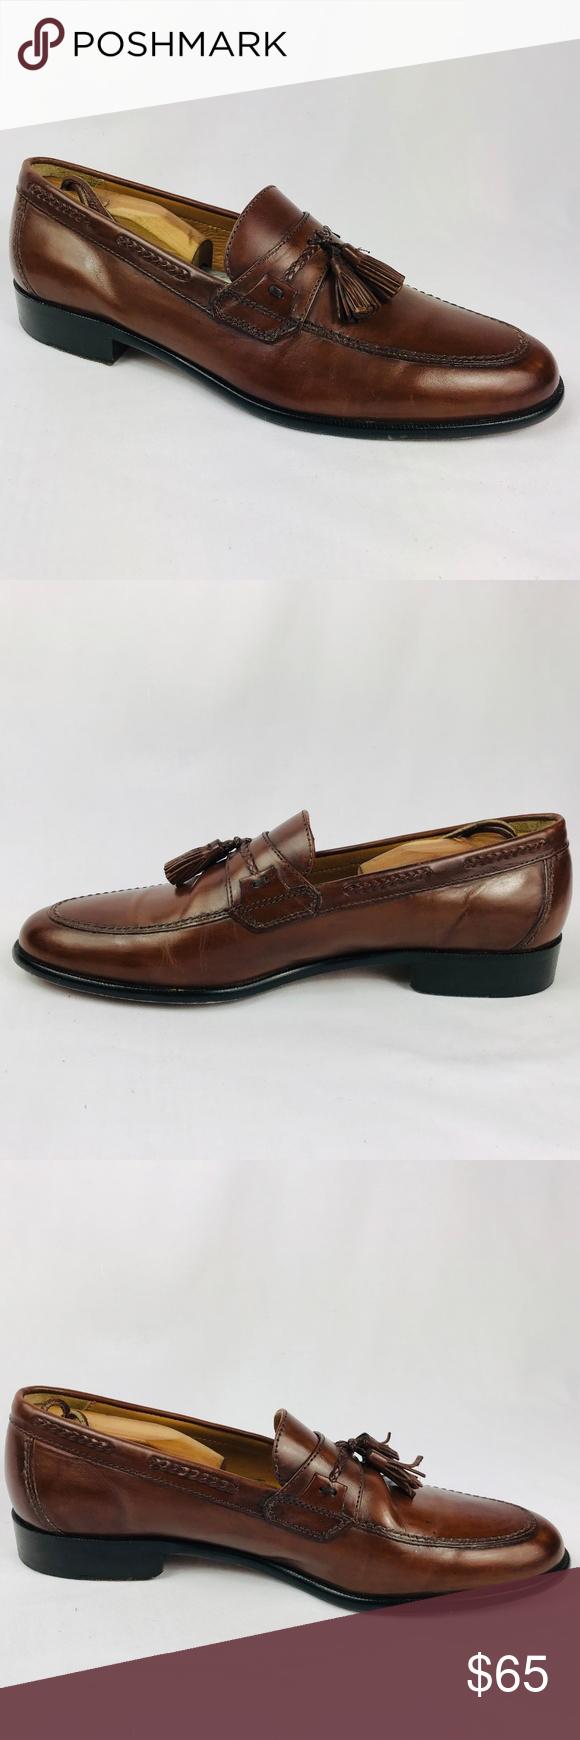 0d2ffb8daae Johnston   Murphy Stratton Tassel Loafer FINAL PRICE